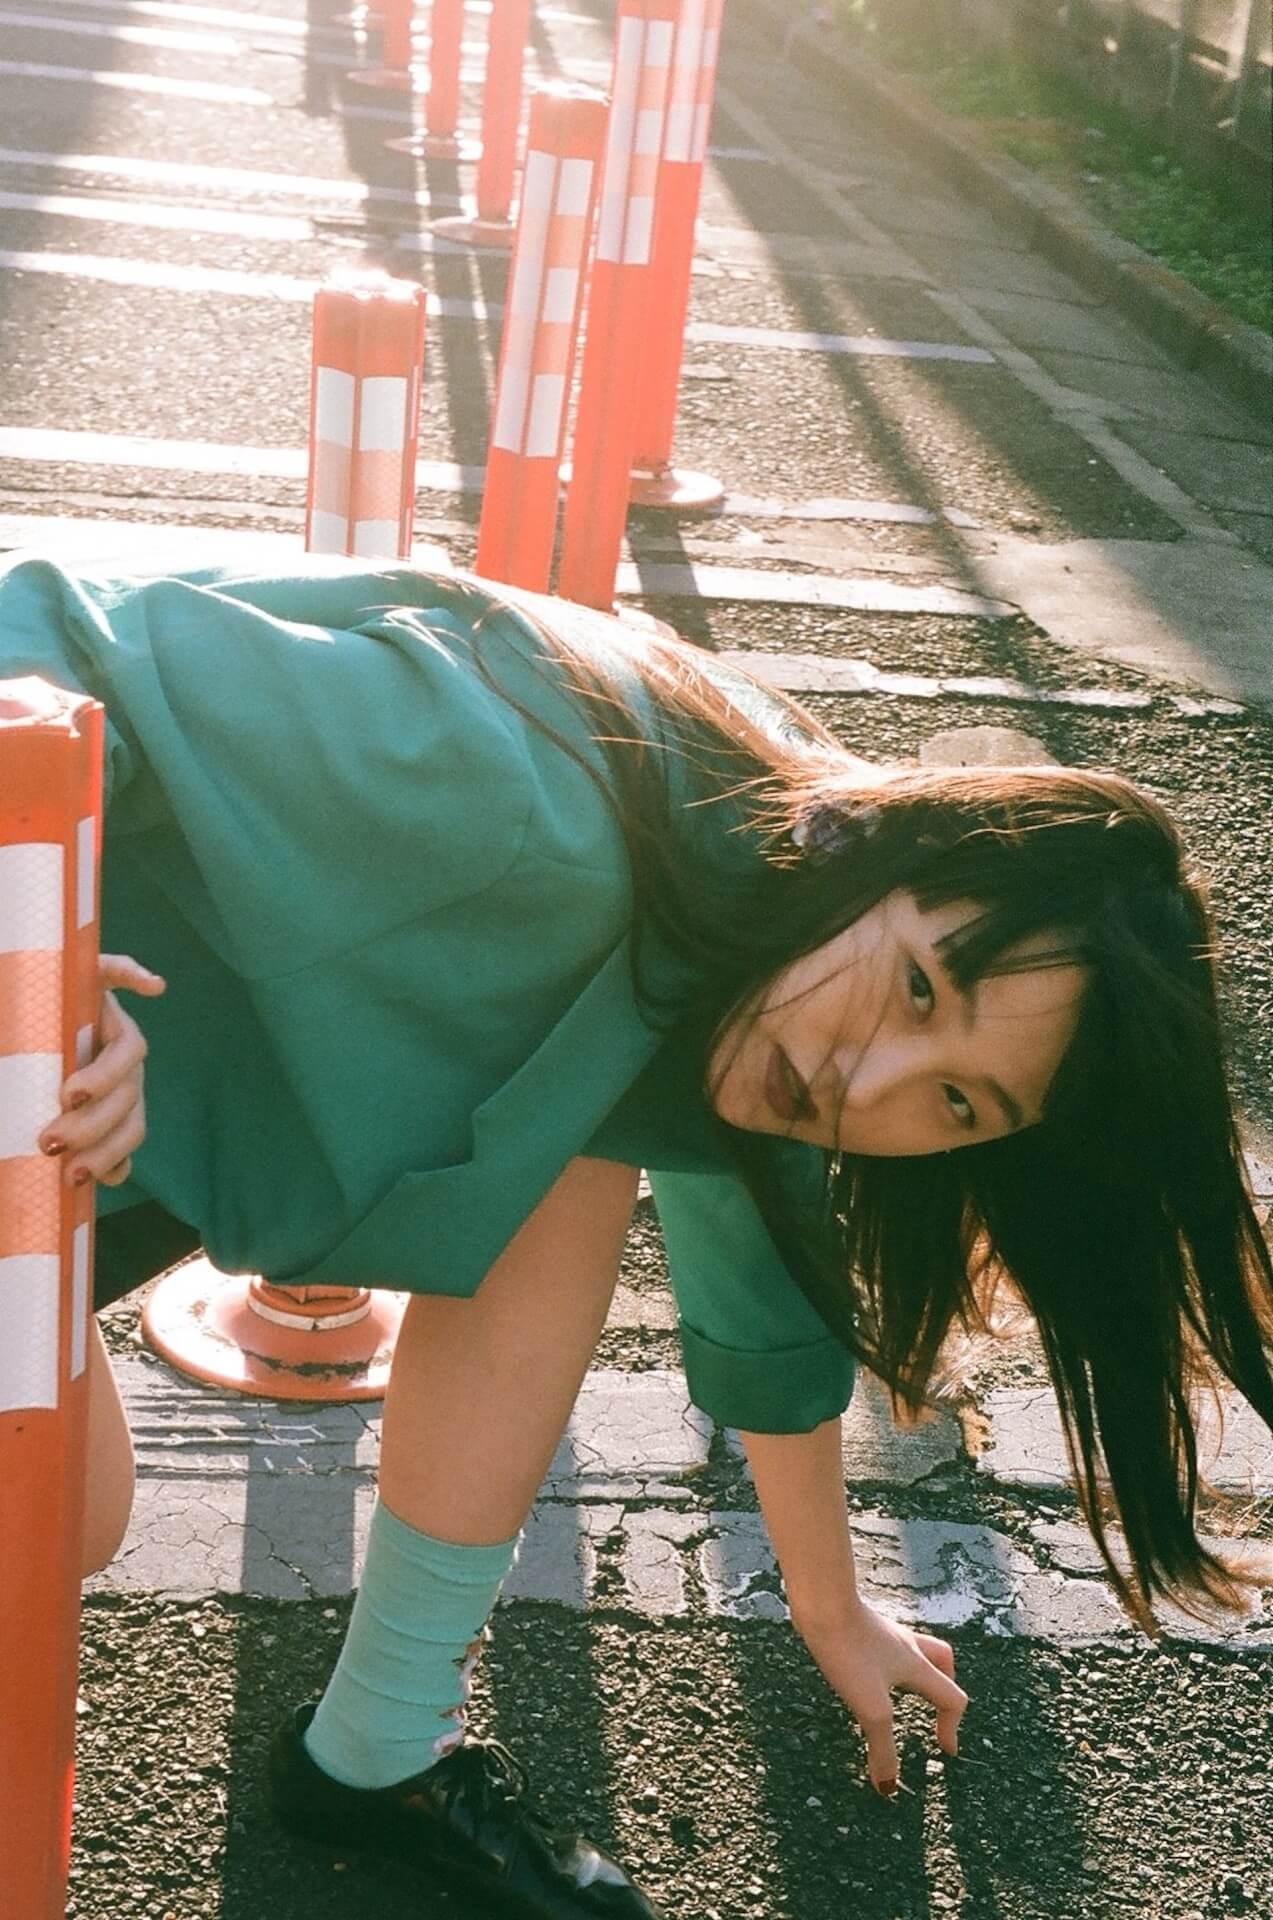 どうも東京の人にはなれなかったらしい|run rarara181215-run-4